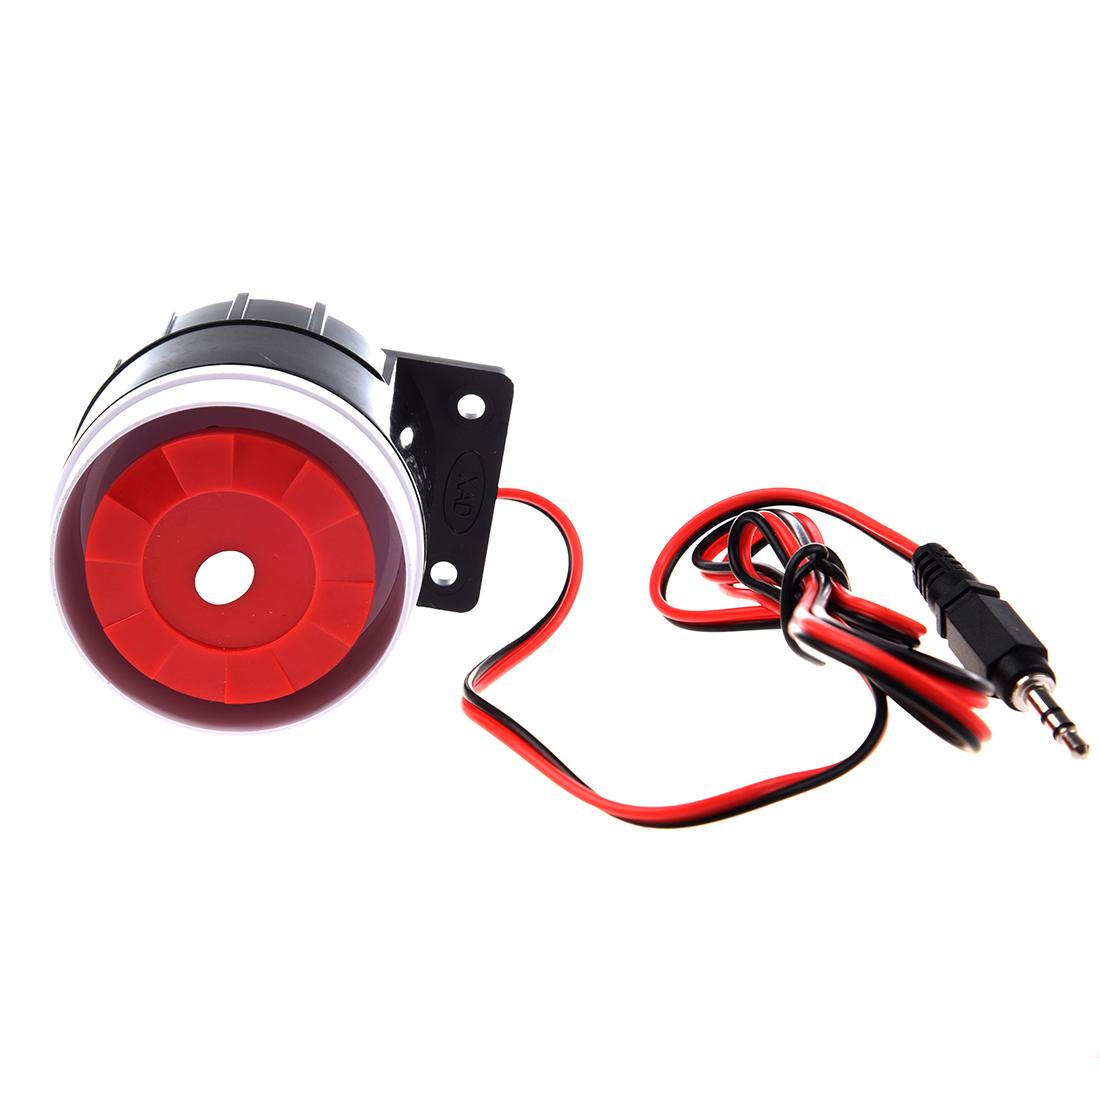 [해외]홈 보안 경보 시스템 호른 사이렌 120dB 12V에 대 한 유선 미니 사이렌/Wired Mini Siren for Home Security Alarm System Horn Siren 120dB 12V